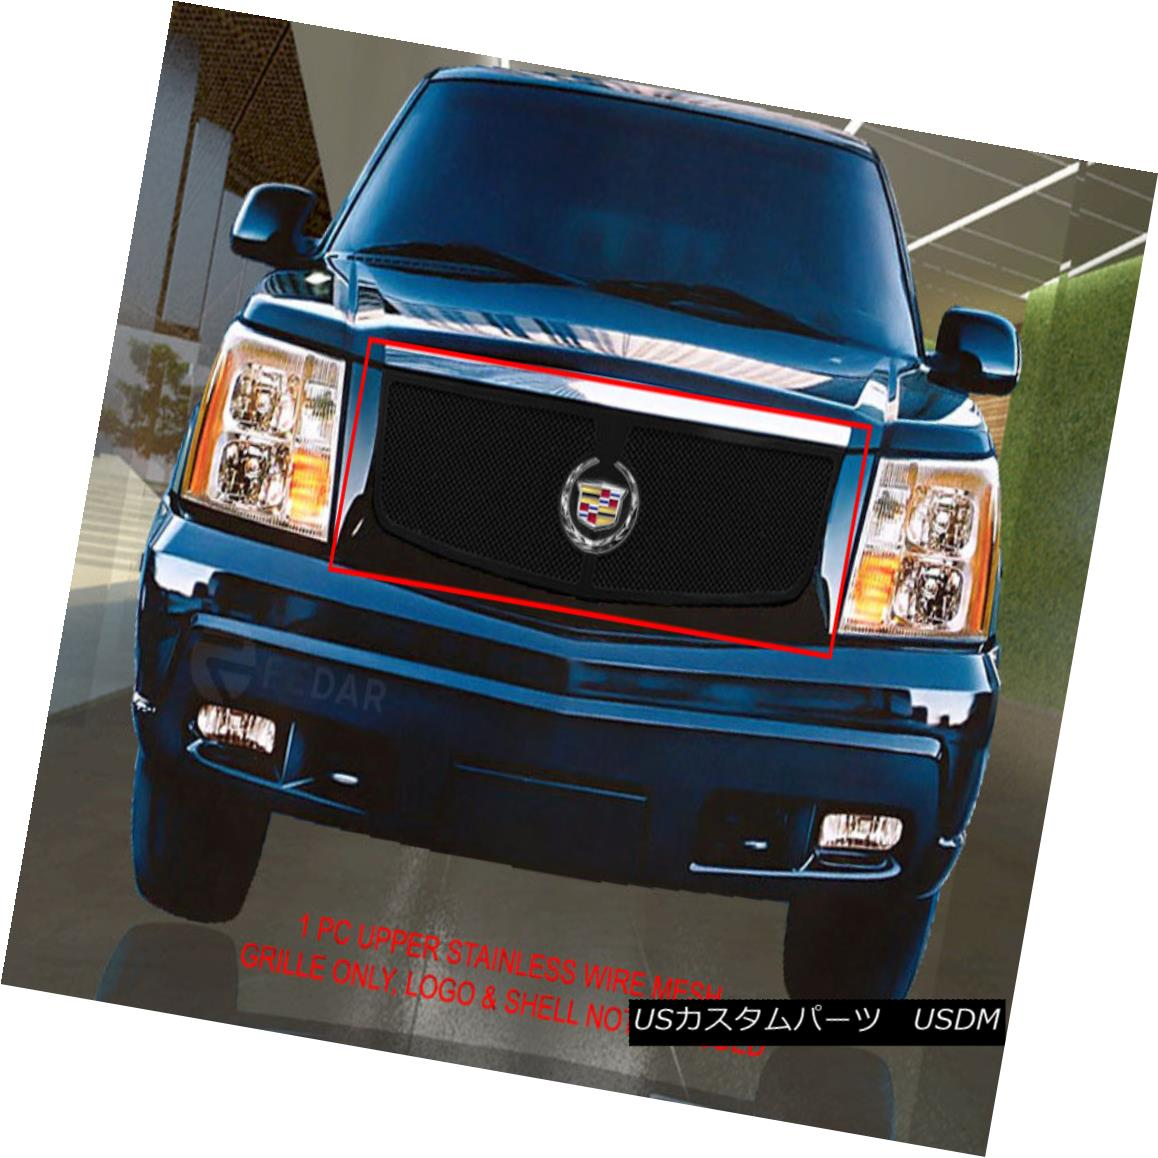 グリル 02-06 Cadillac Escalade Black Stainless Steel Mesh Grille Grill Insert Fedar 02-06キャデラックエスカレードブラックステンレスメッシュグリルグリルインサートフェルダー